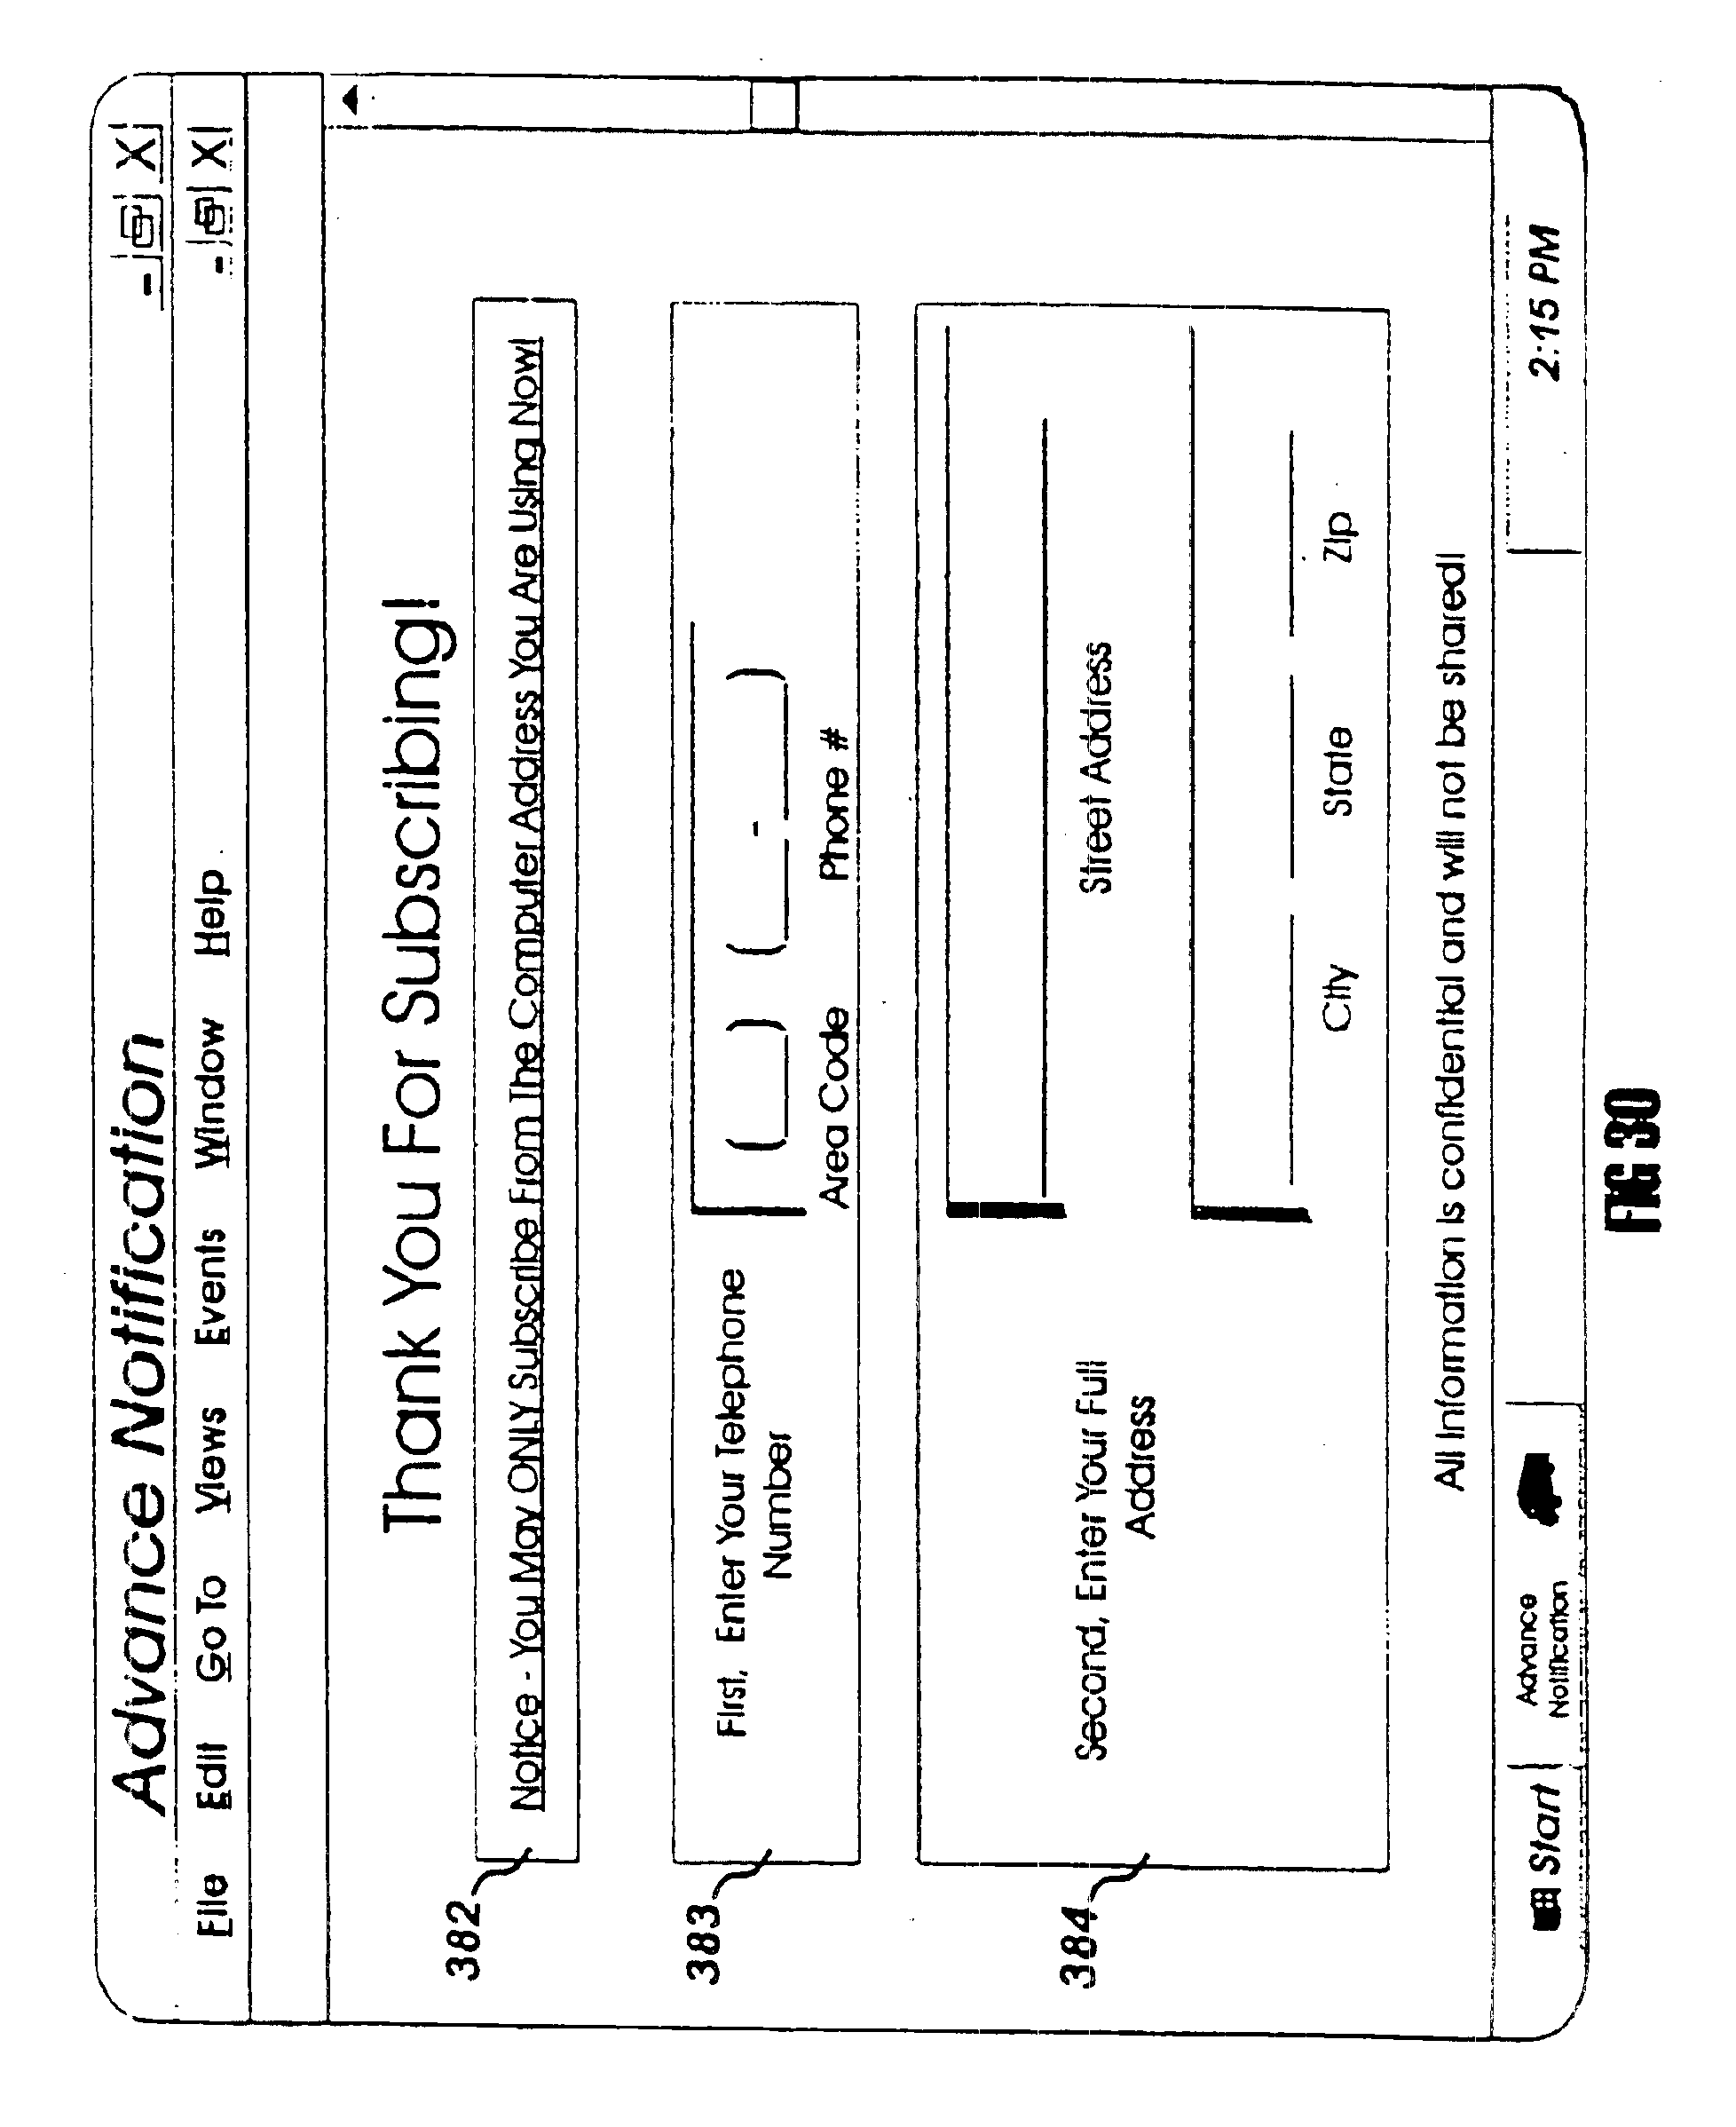 Patent Us 6859722 B2 Block Diagram Ndb Images